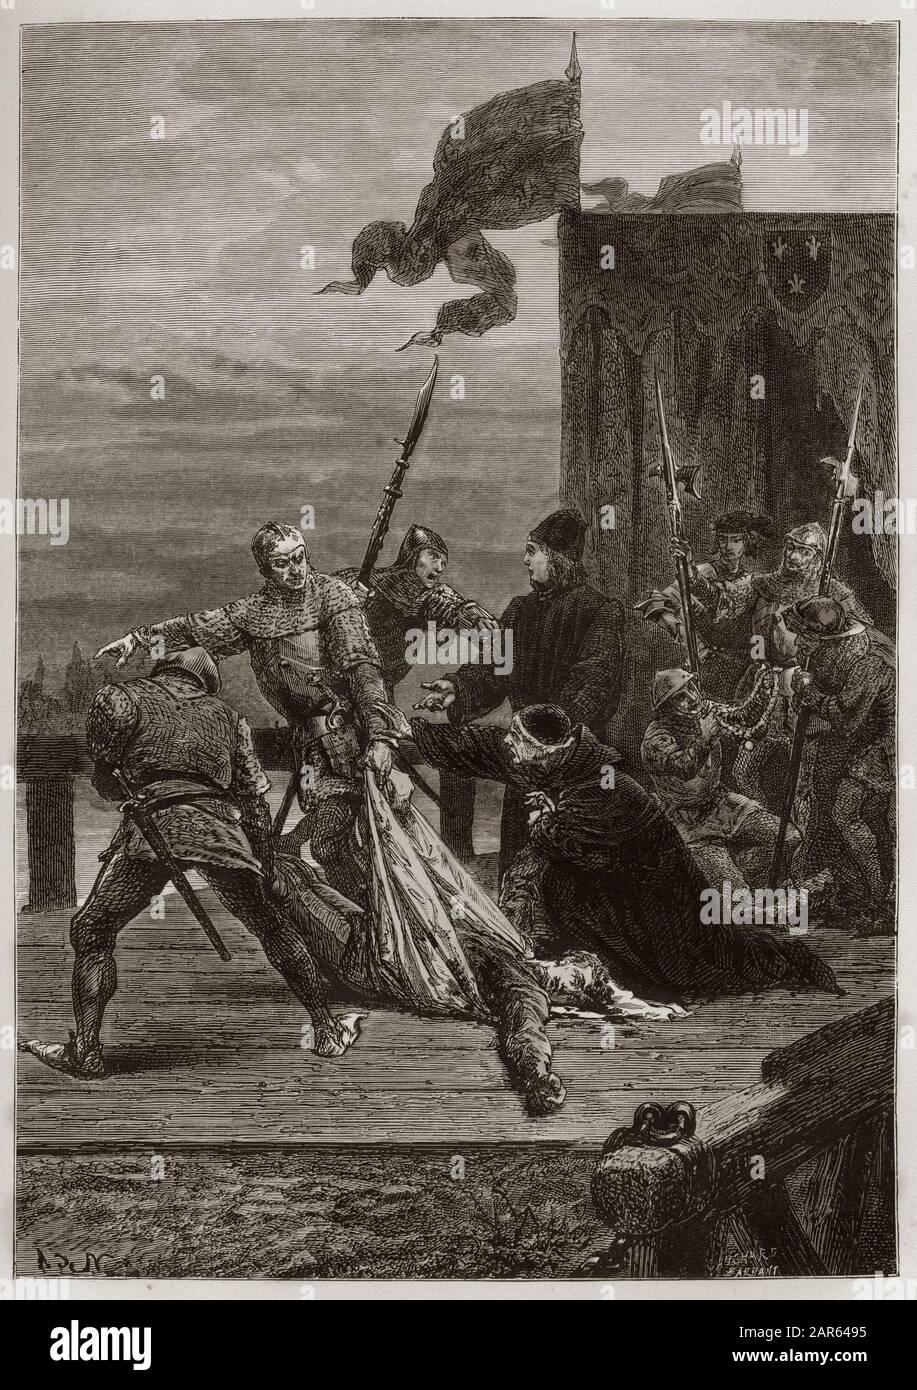 Guerre de cent ans (Guerre civique entre Armagnacs et Bourguignons) - Assassinat de Jean I de Bourgogne, dit sans pur (1371-1419), sur le pont de Mont Banque D'Images